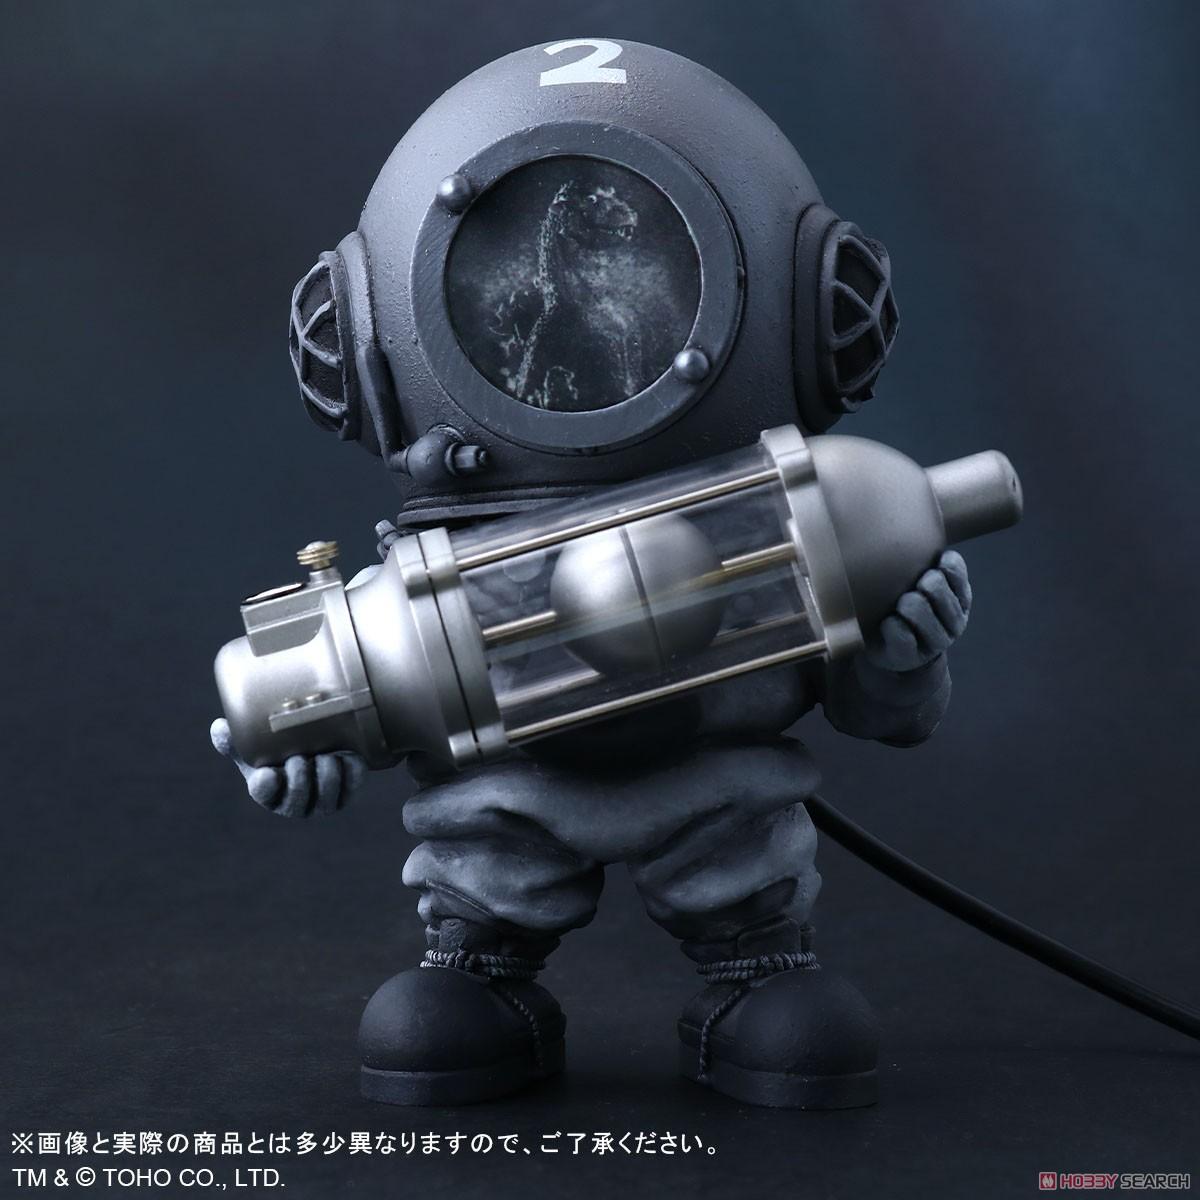 デフォリアル『芹沢博士 モノクロVer.』ゴジラ デフォルメ完成品フィギュア-001